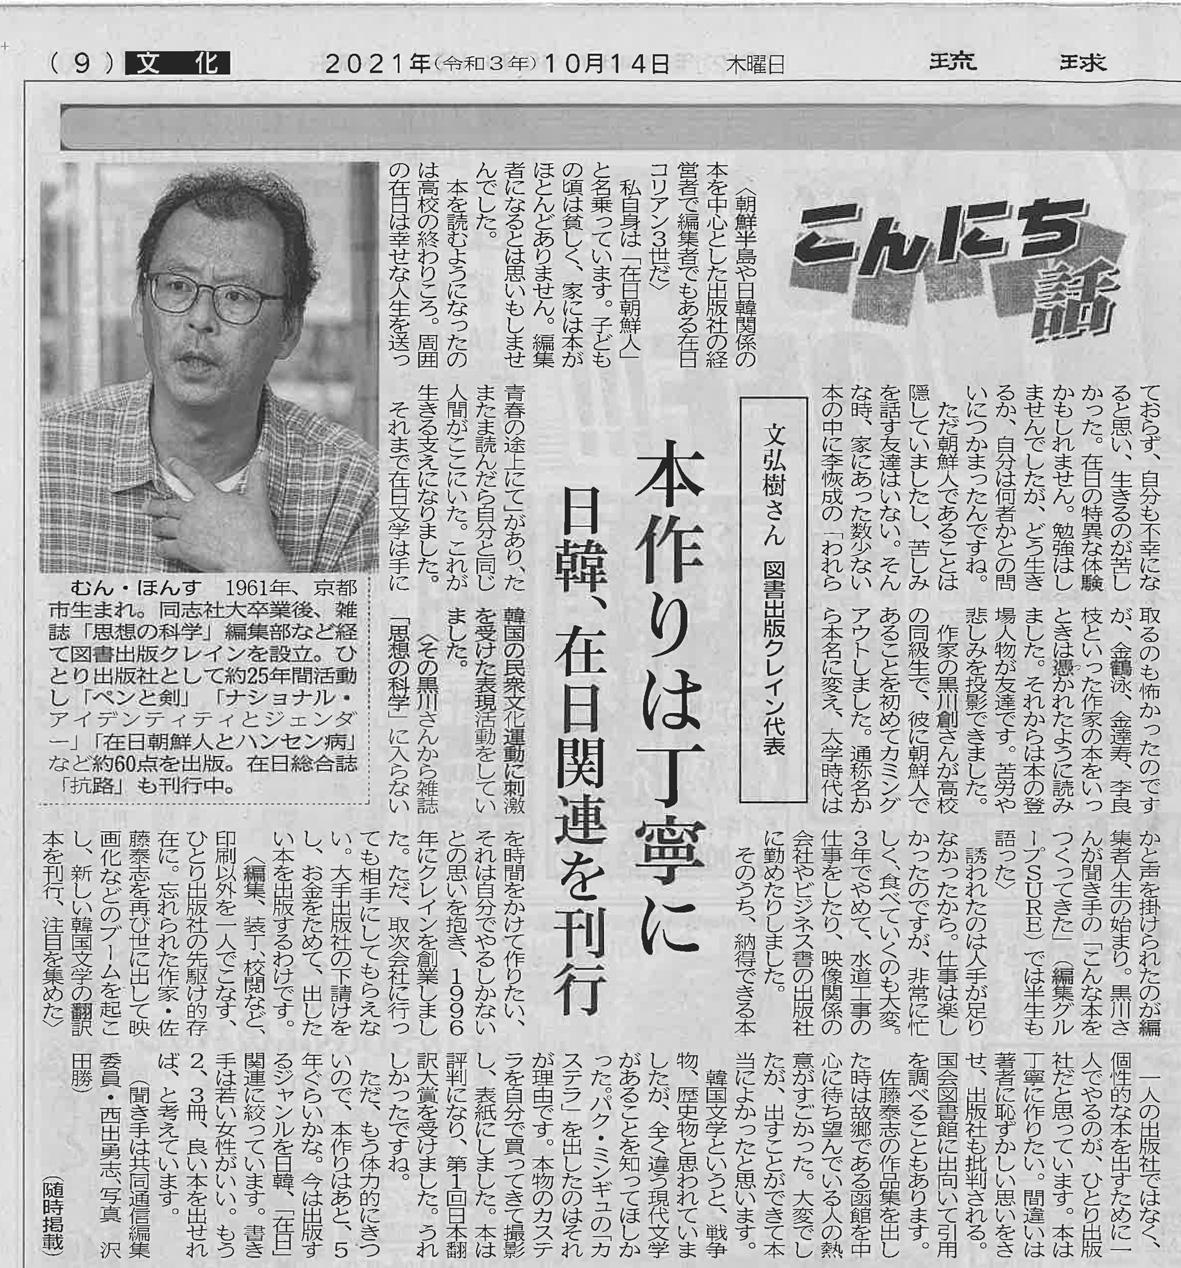 『琉球新報』で紹介されました。